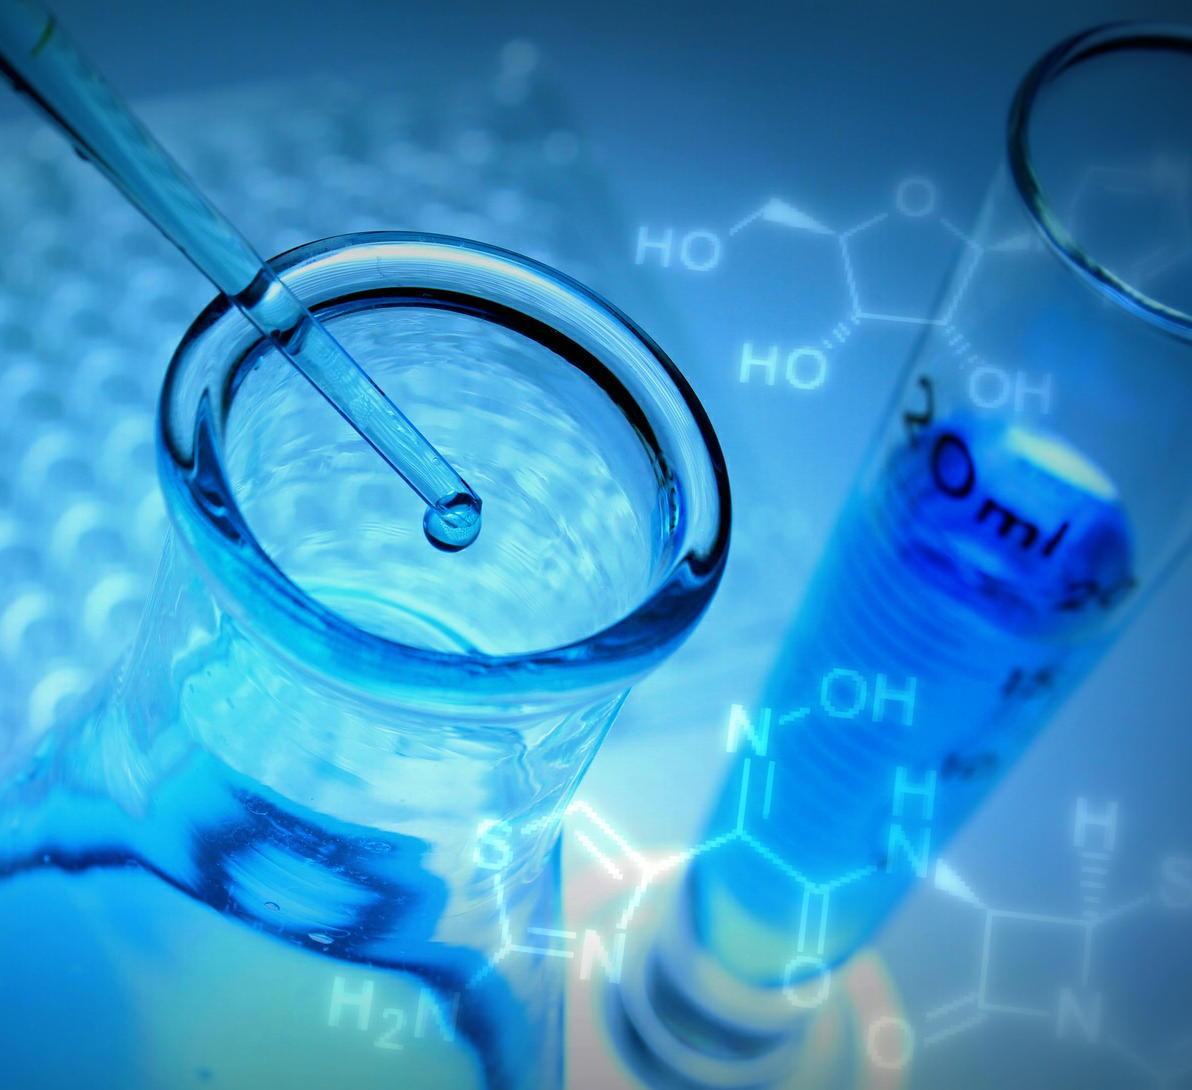 アルツハイマー病を簡単に検査できる技術を開発 わずか0.5ccの血液で判別